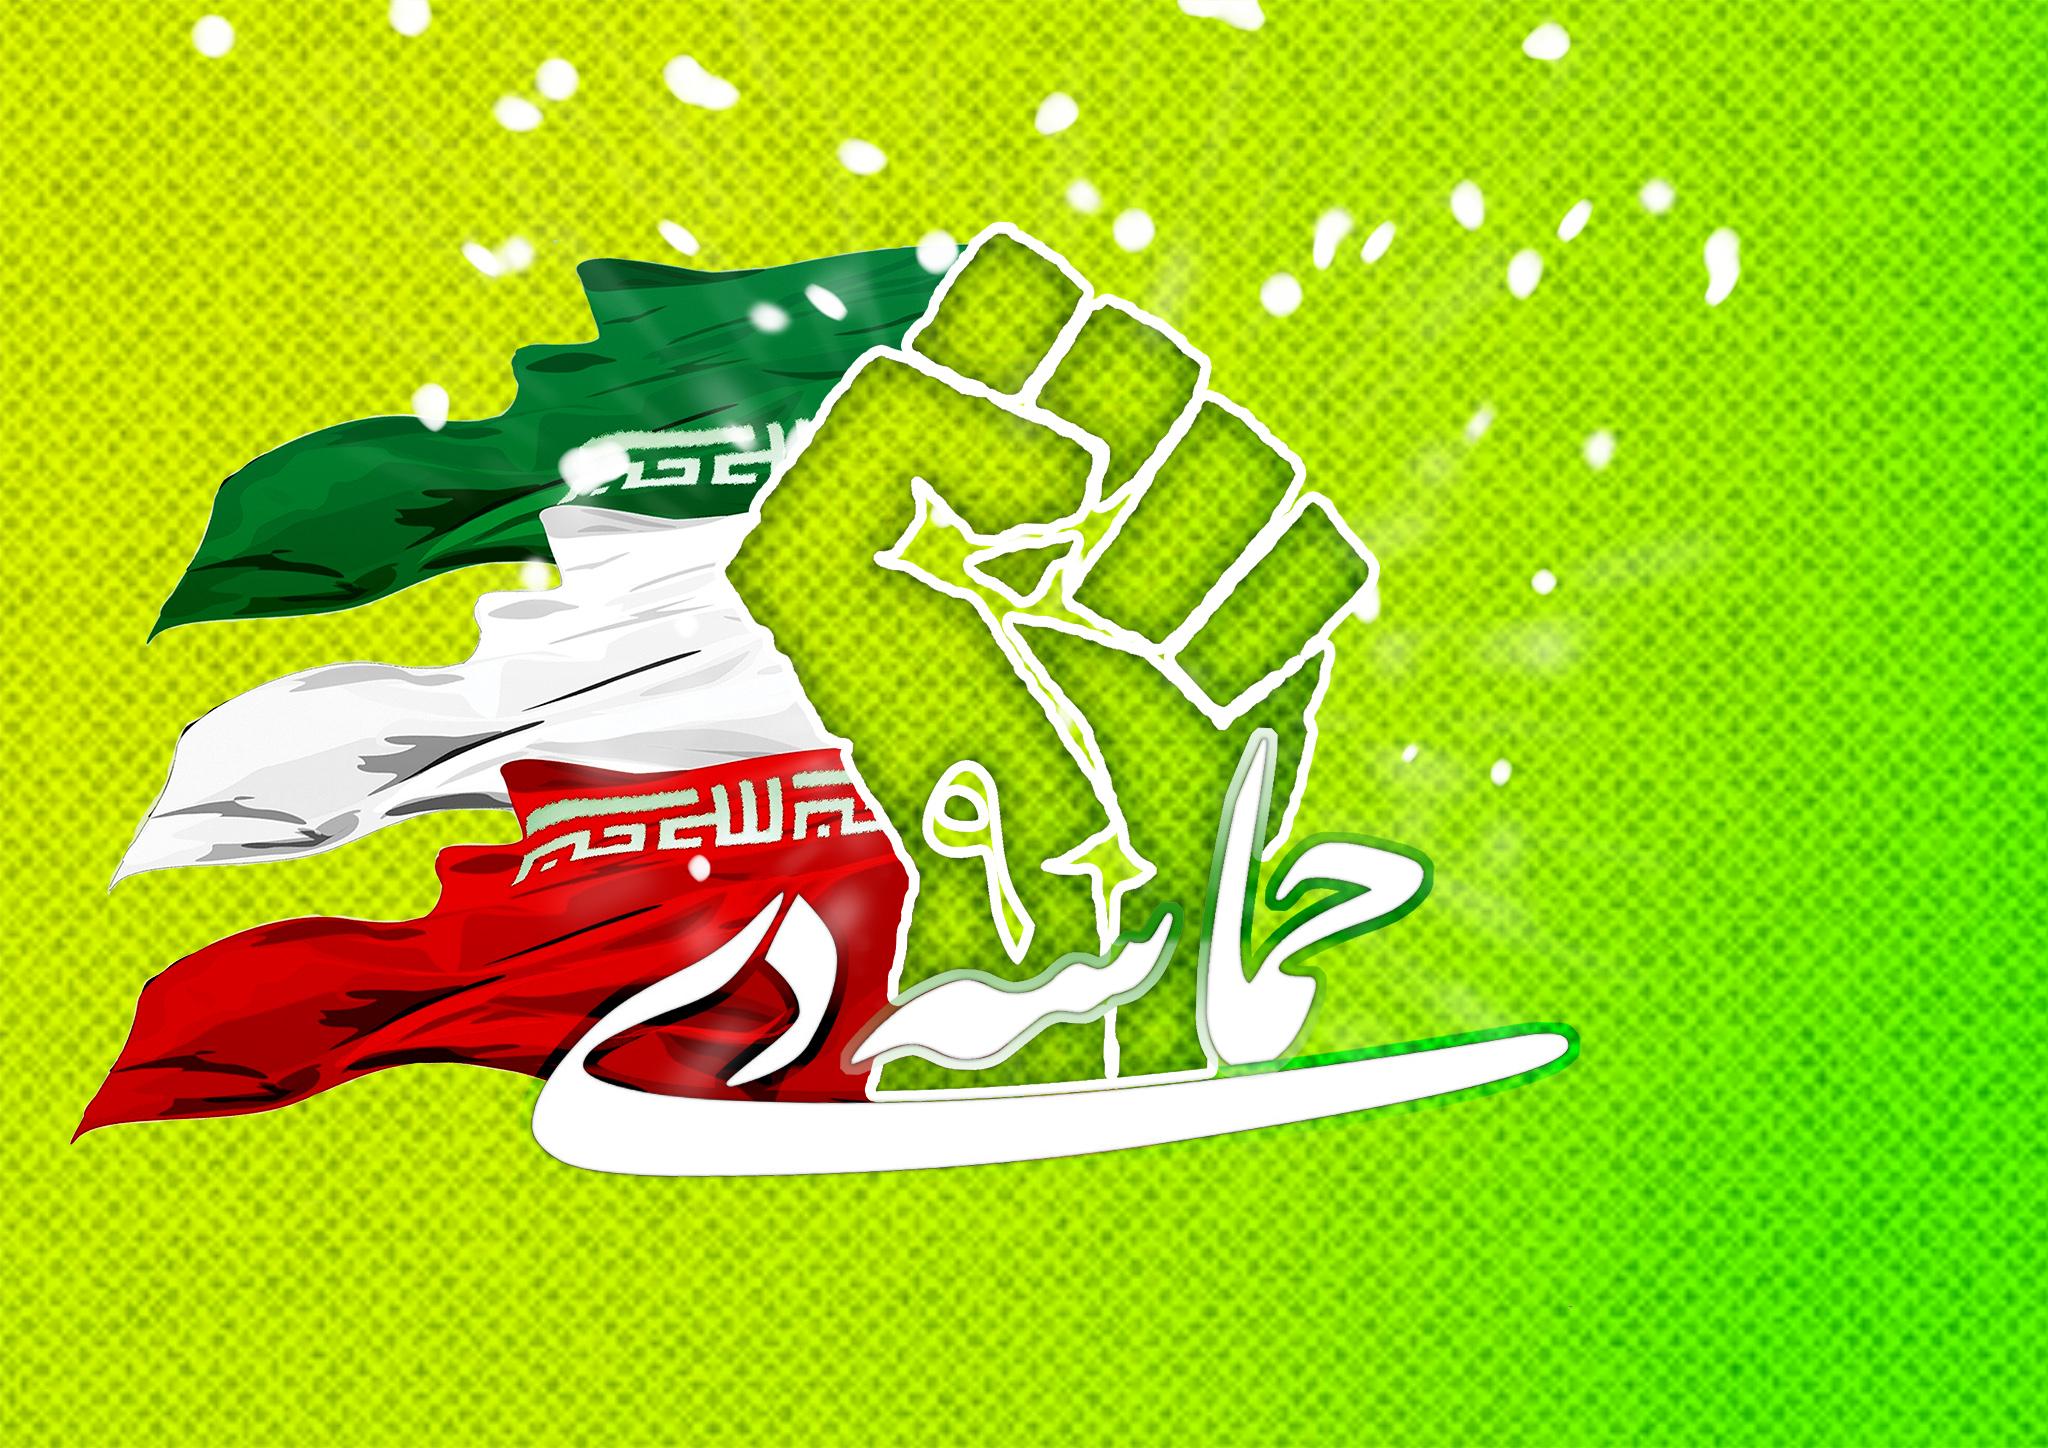 بیانیه تشکل اسلامی-سیاسی امید بمناسبت فرا رسیدن یوم الله 9دی